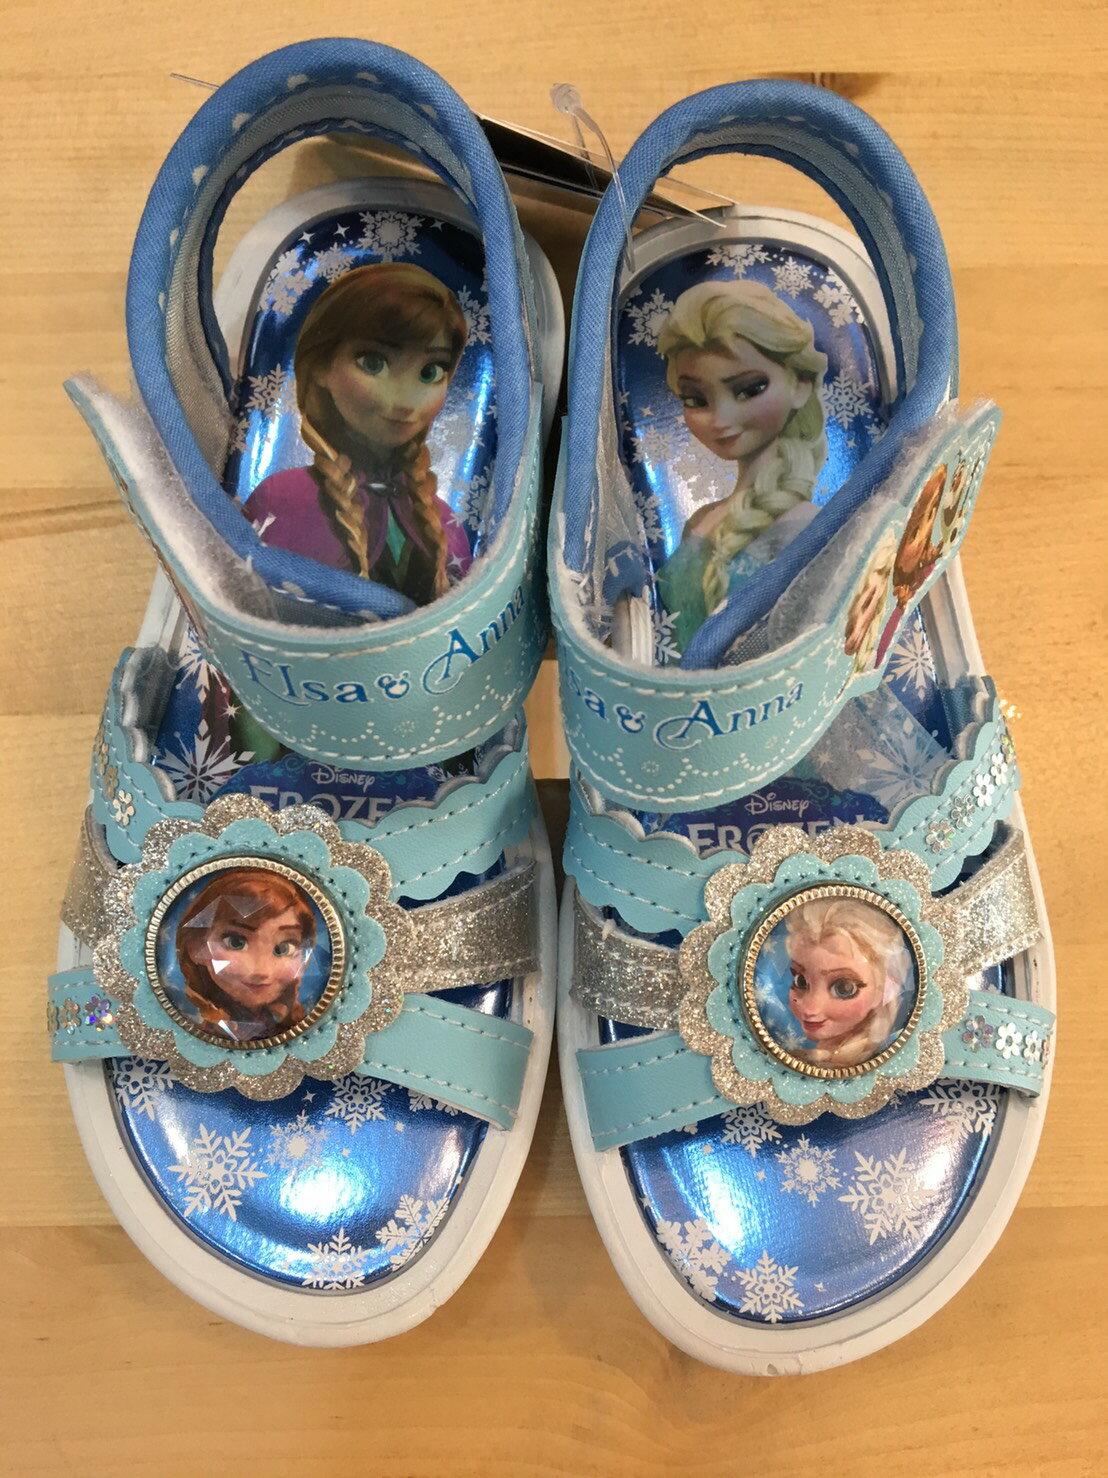 【禾宜精品】正版 冰雪奇緣 水鑽 亮粉藍 涼鞋 童鞋 16,17,18,19 台灣製造 SGS檢驗合格 童鞋